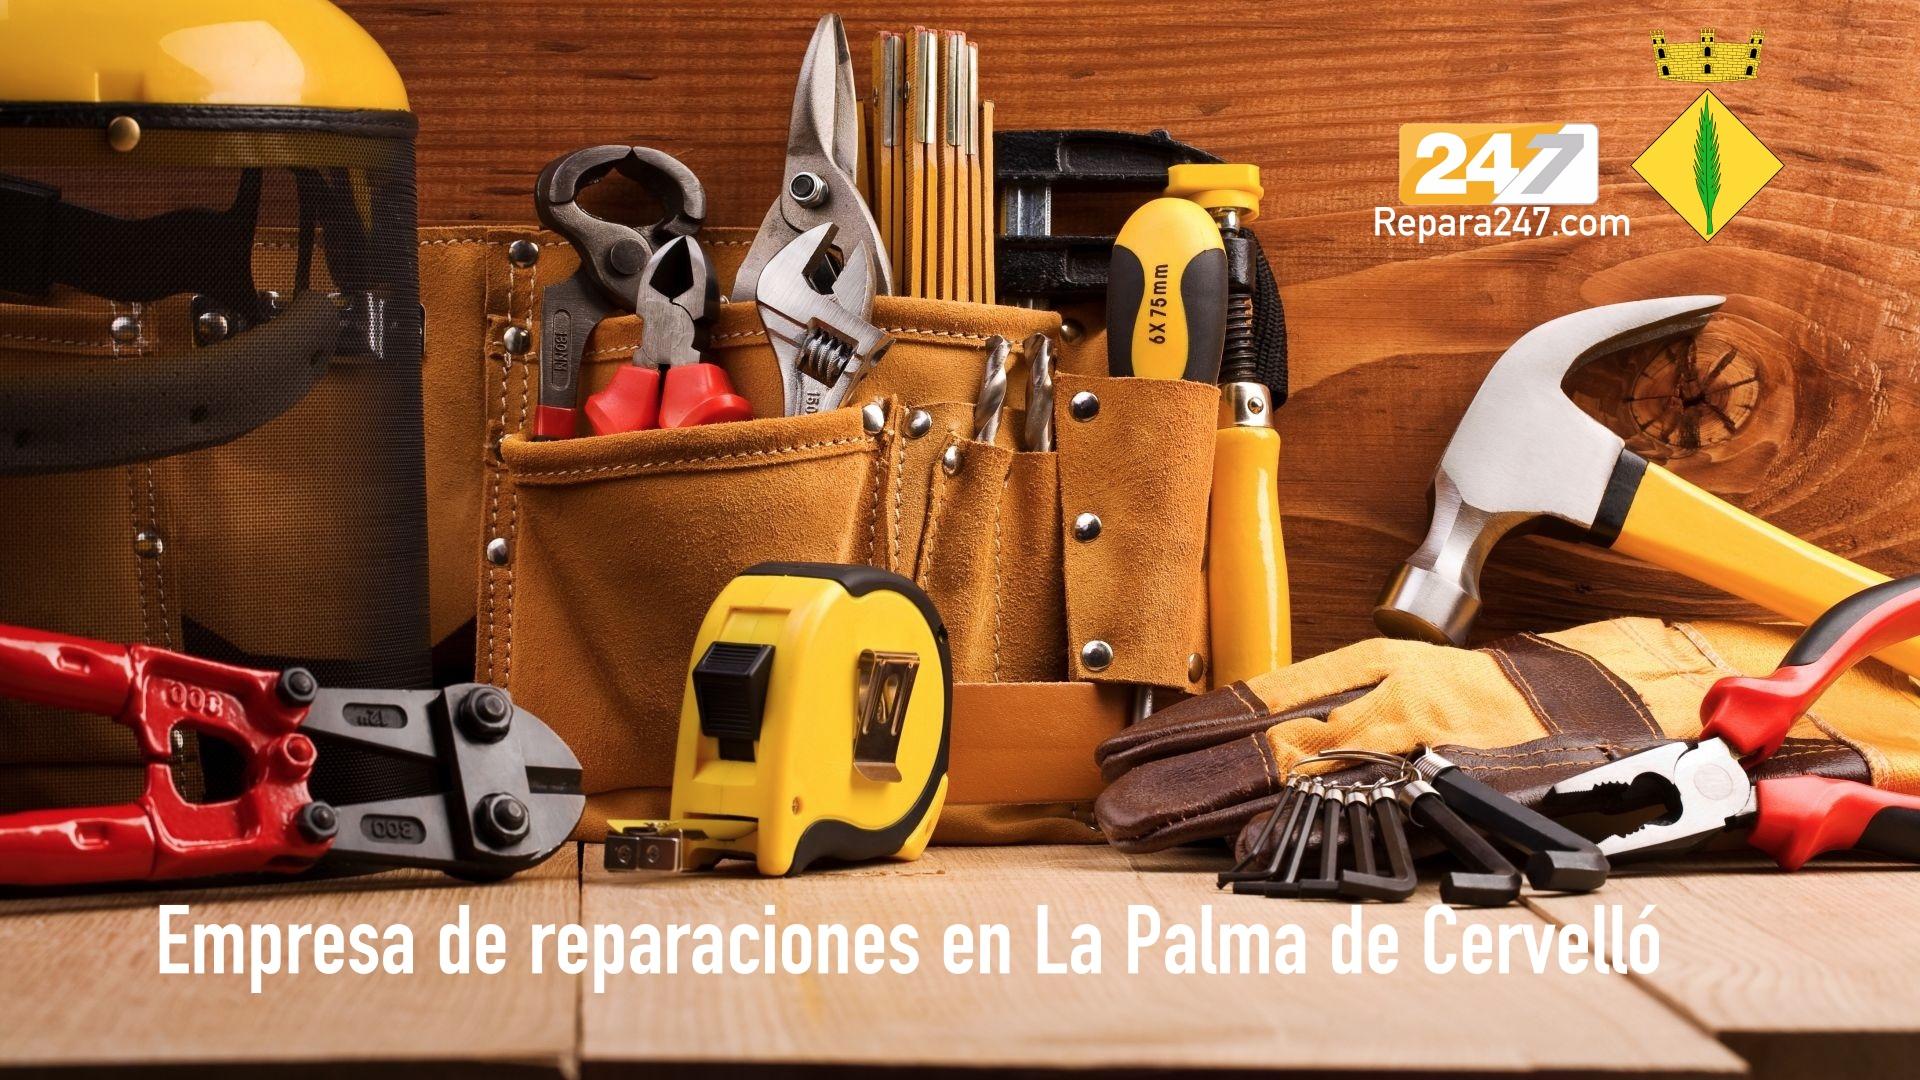 Empresa de reparaciones en La Palma de Cervelló